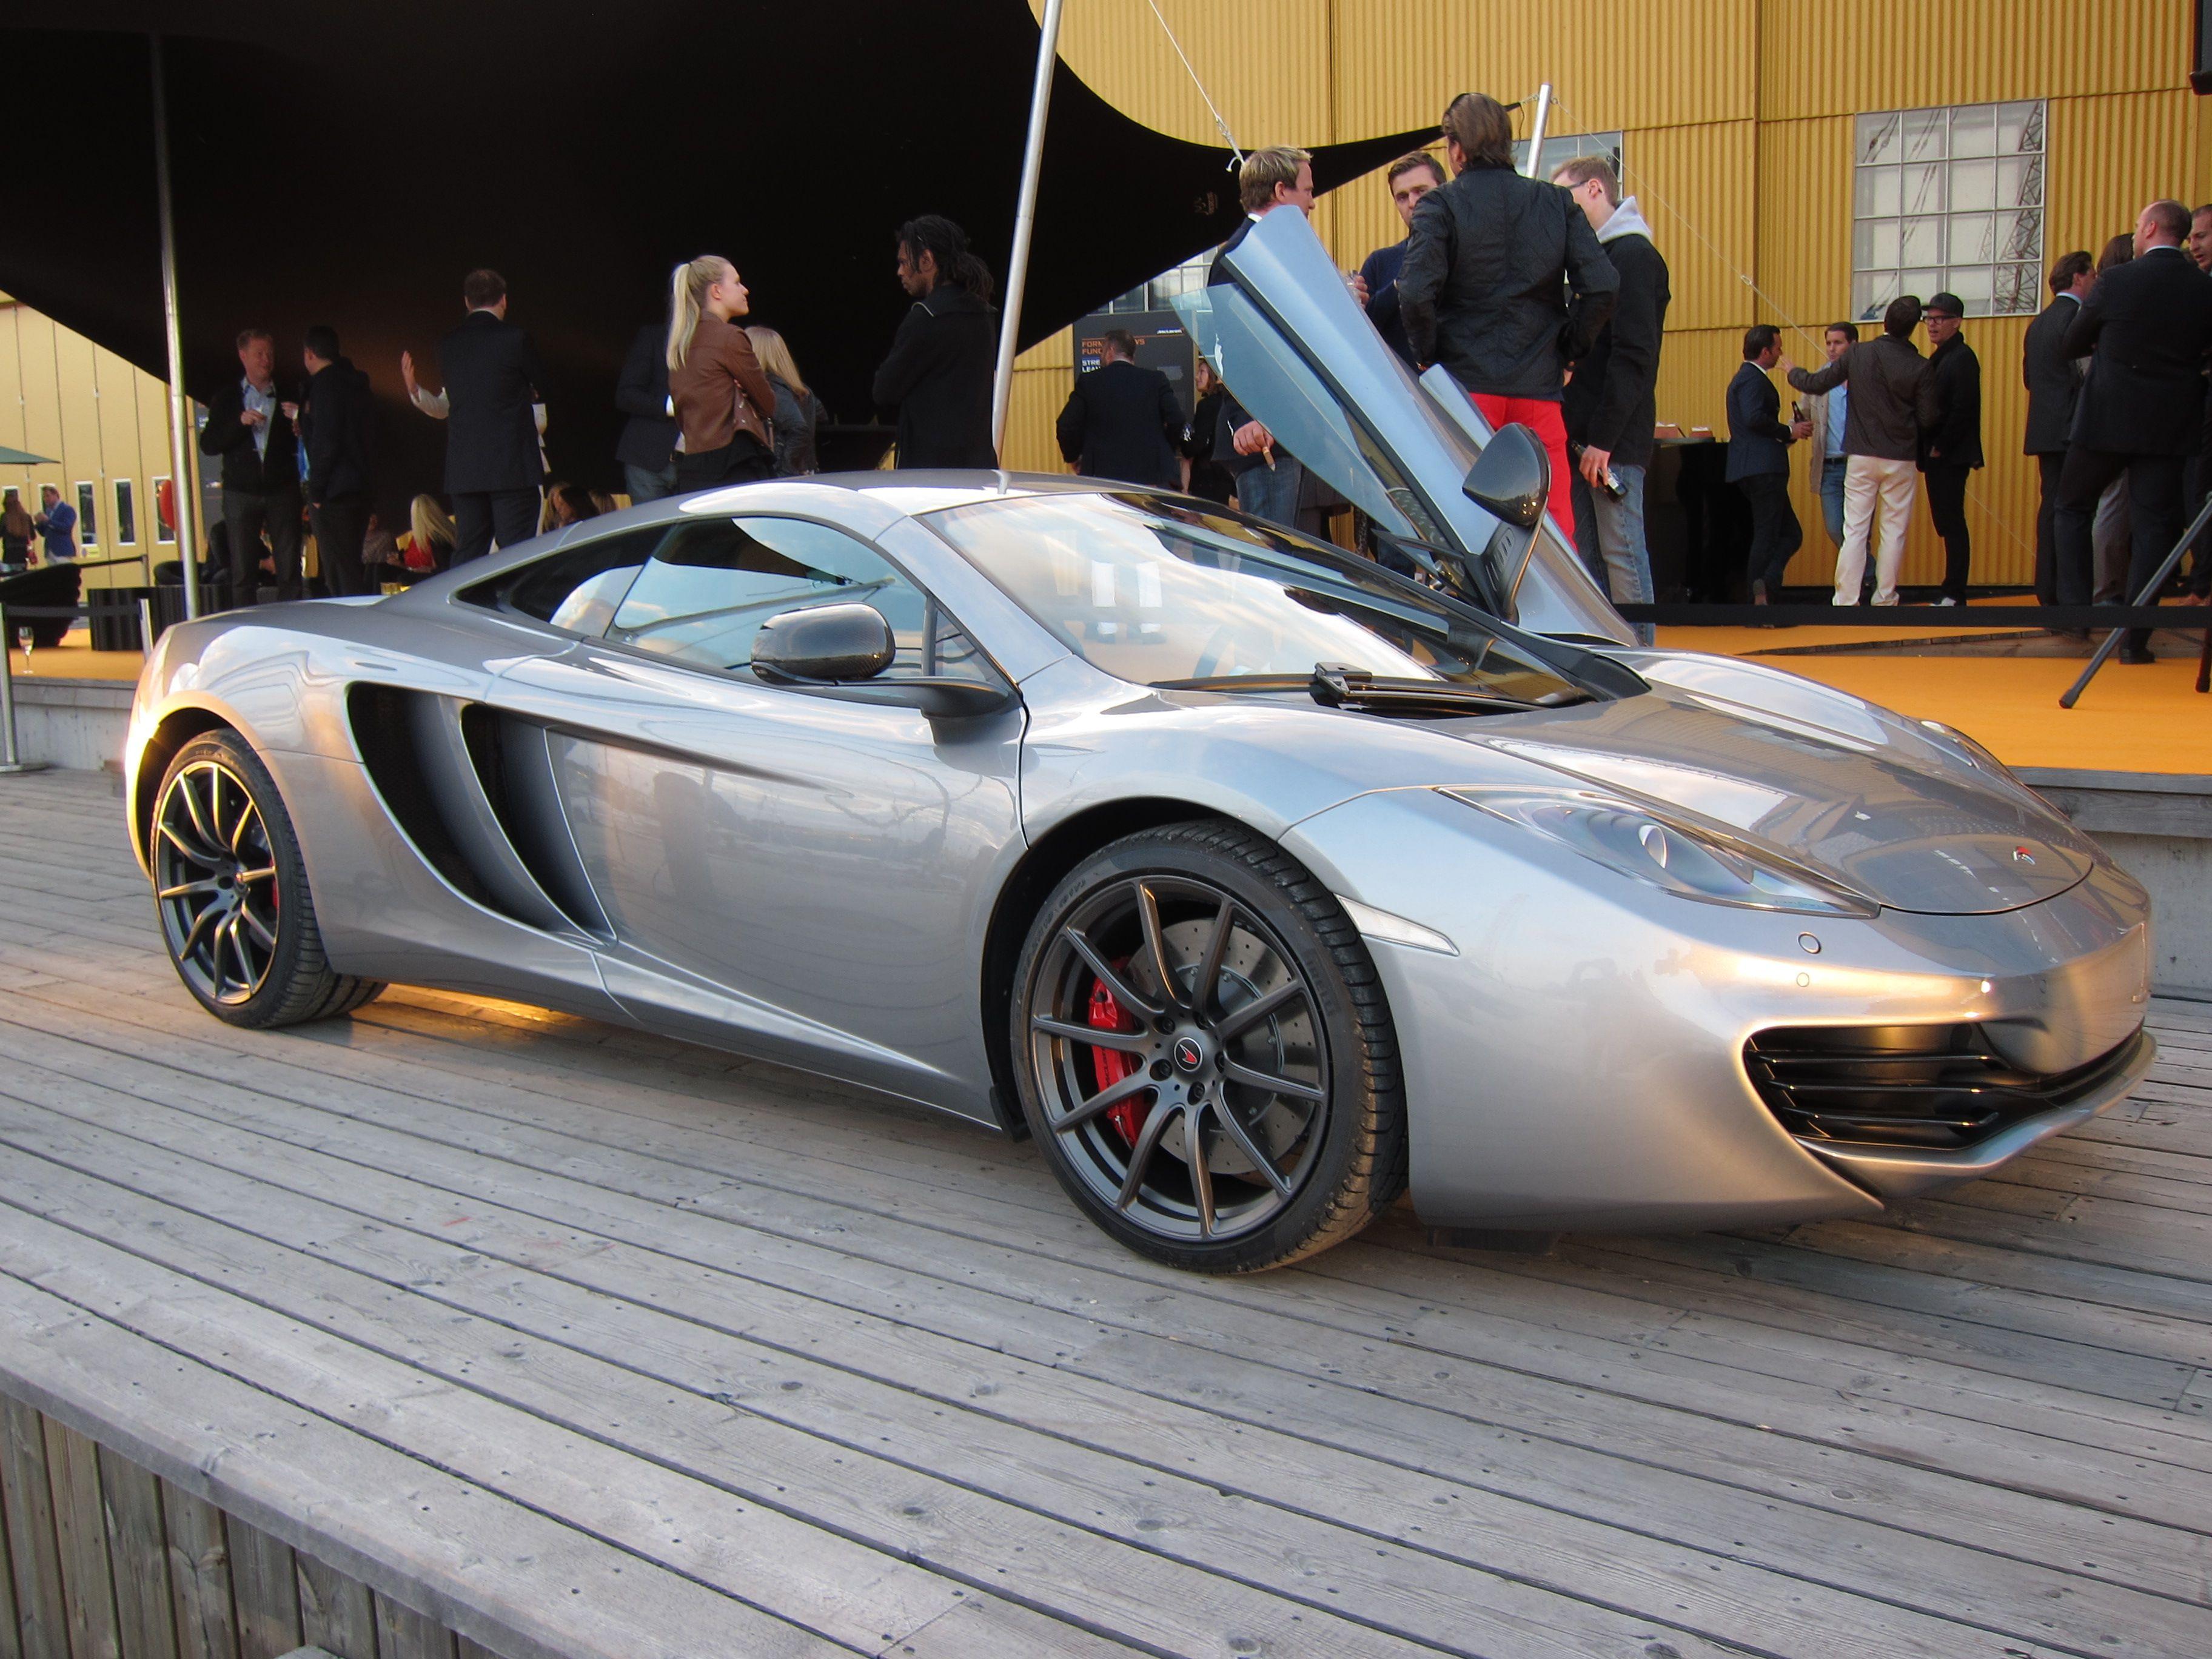 McLaren MP4-12C, now in Sweden